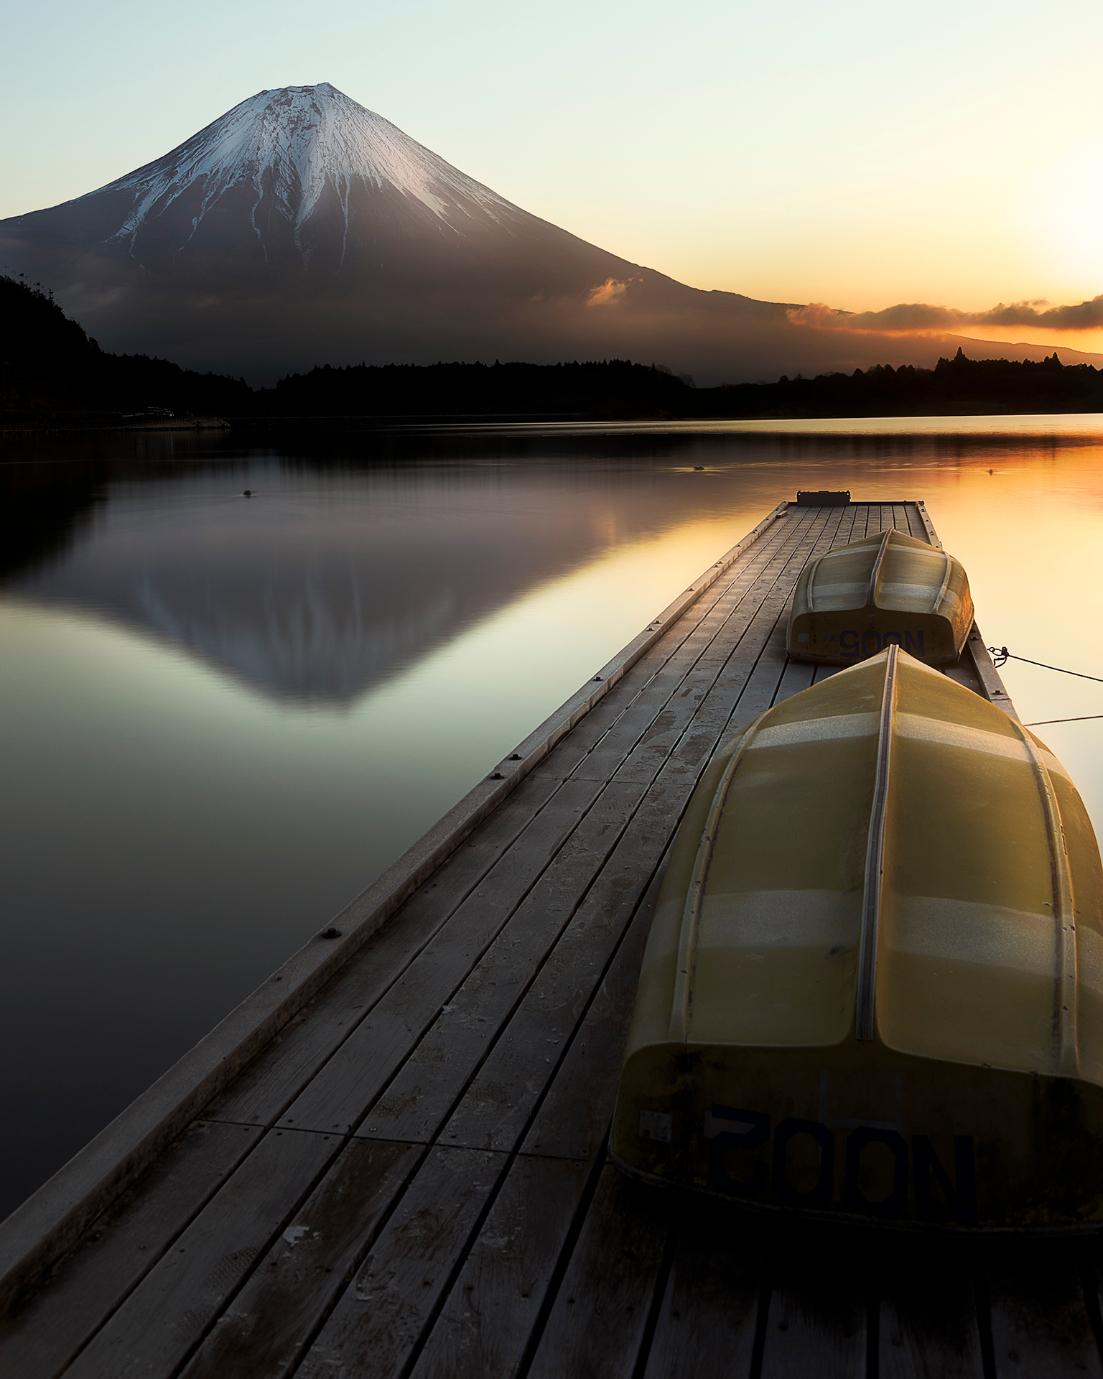 映画『HOKUSAI』フォトコンテスト 佳作「朝露を纏って」  atsuhase_ さん